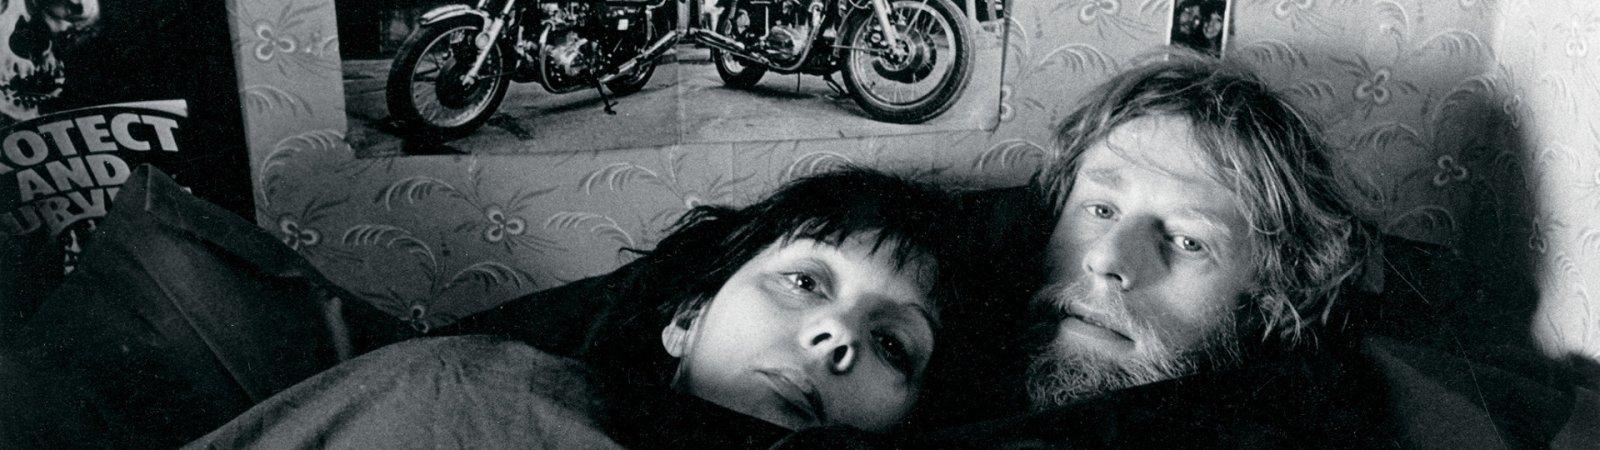 Photo dernier film  Philip Jackson